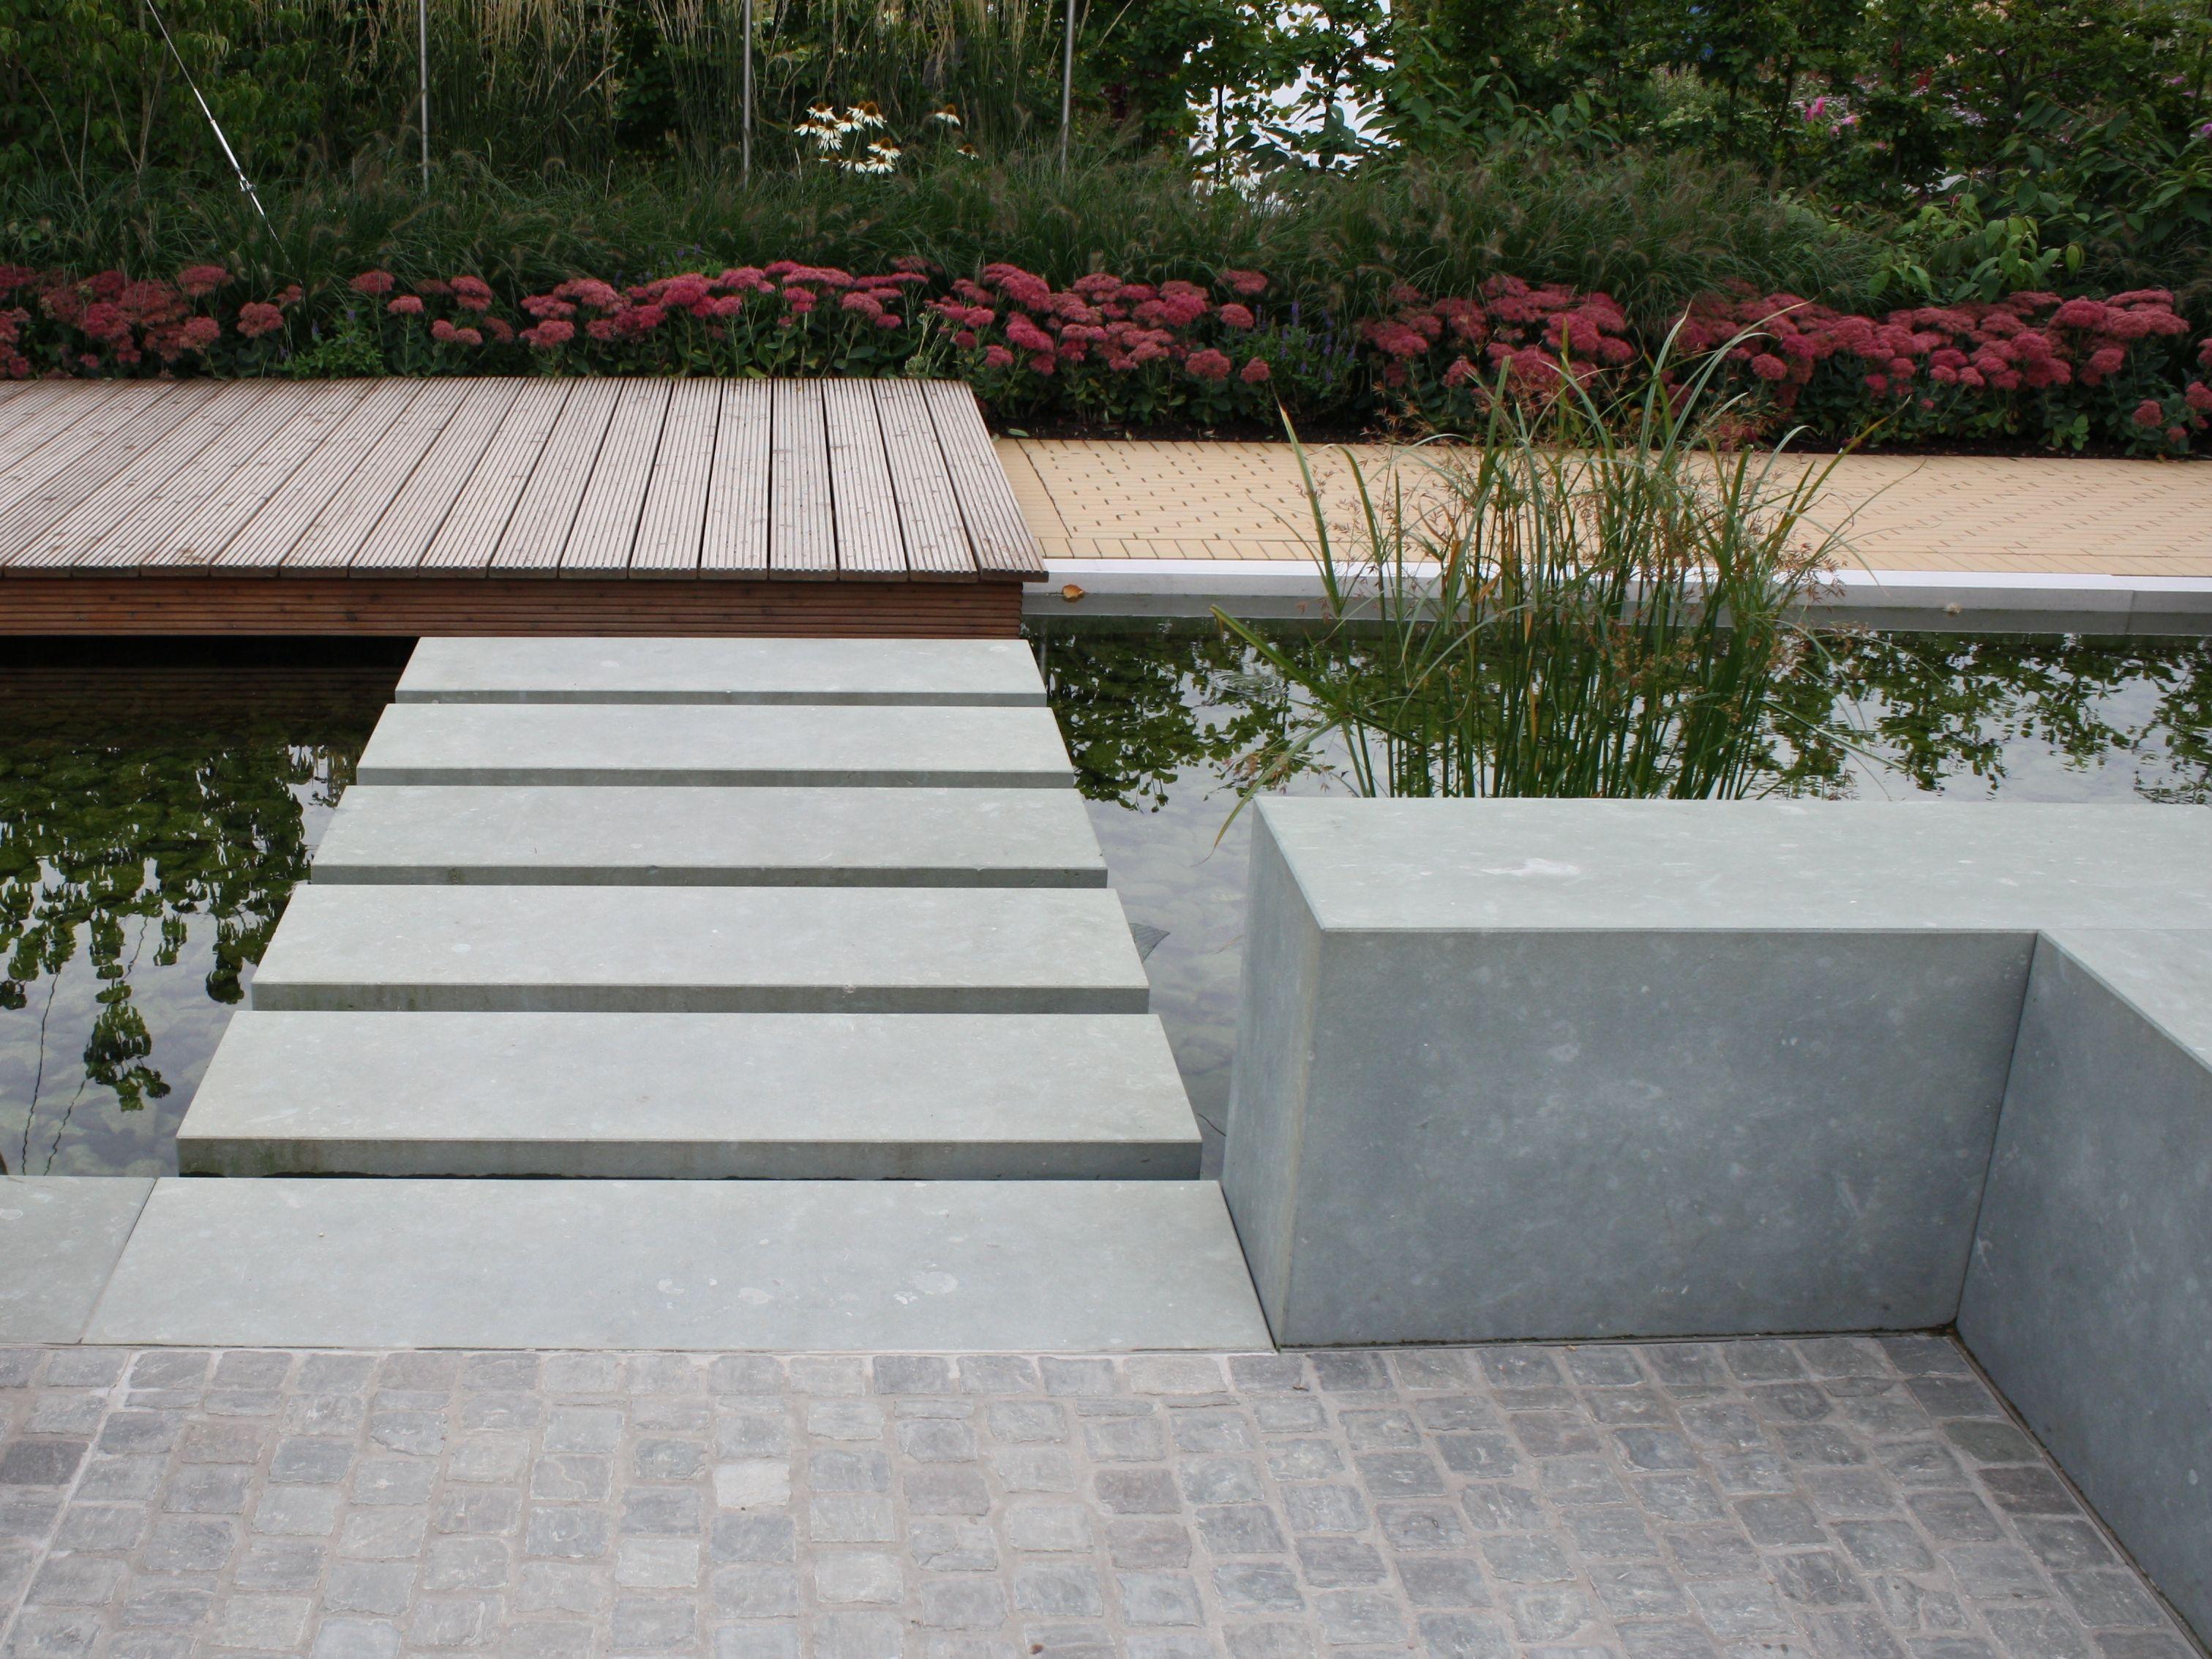 Naturstein Anrochter Kalksandstein Sitzquader Und Formatplatten Als Schwebender Trittplattenubergang Natursteine Garten Kalksandstein